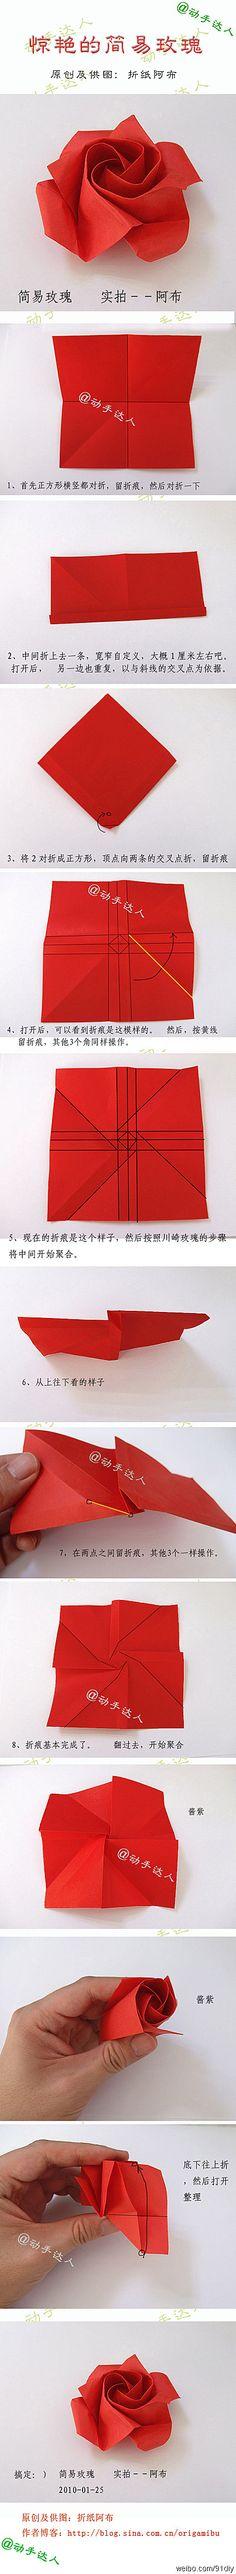 手工DIY 折纸 教程 嘀咕图片